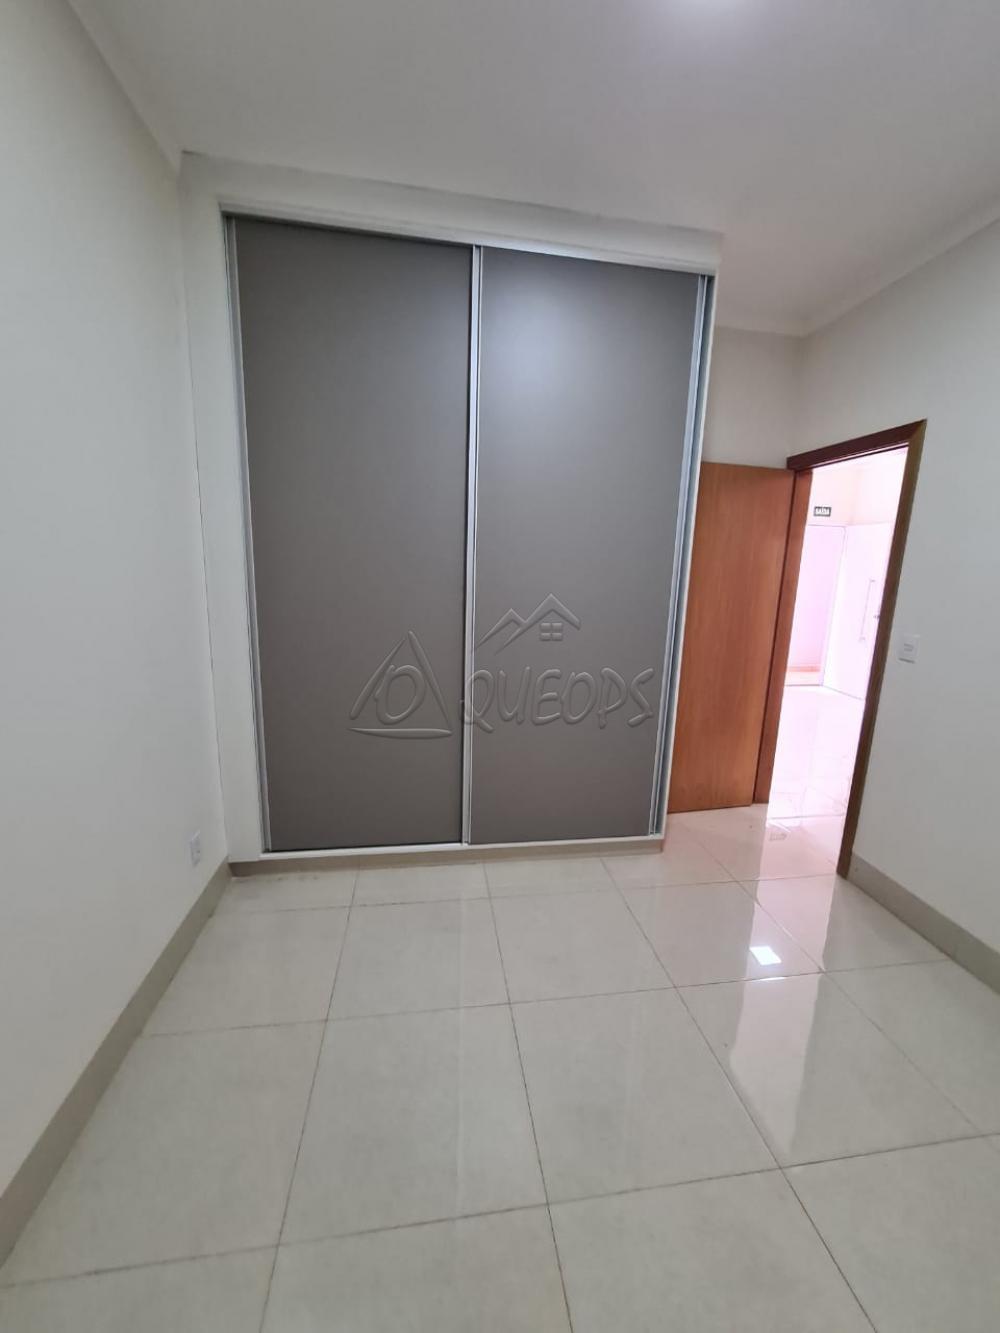 Comprar Apartamento / Padrão em Barretos apenas R$ 210.000,00 - Foto 8